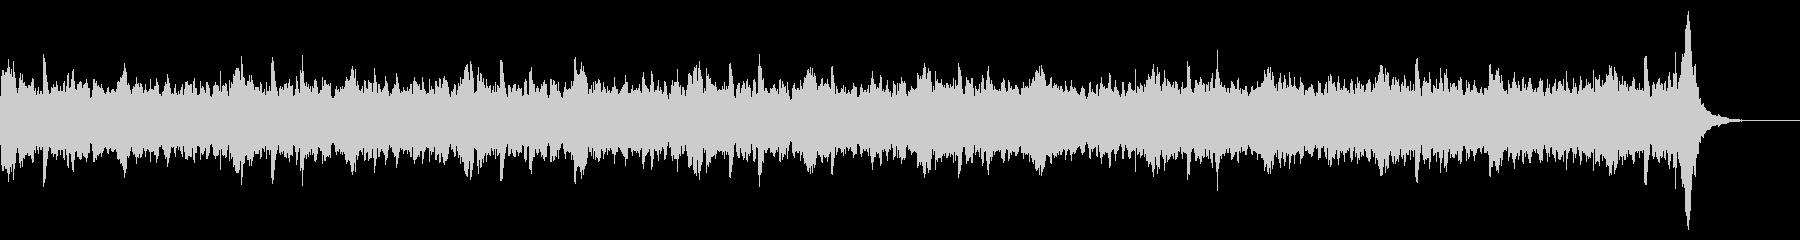 作業用の環境音楽BGMの未再生の波形